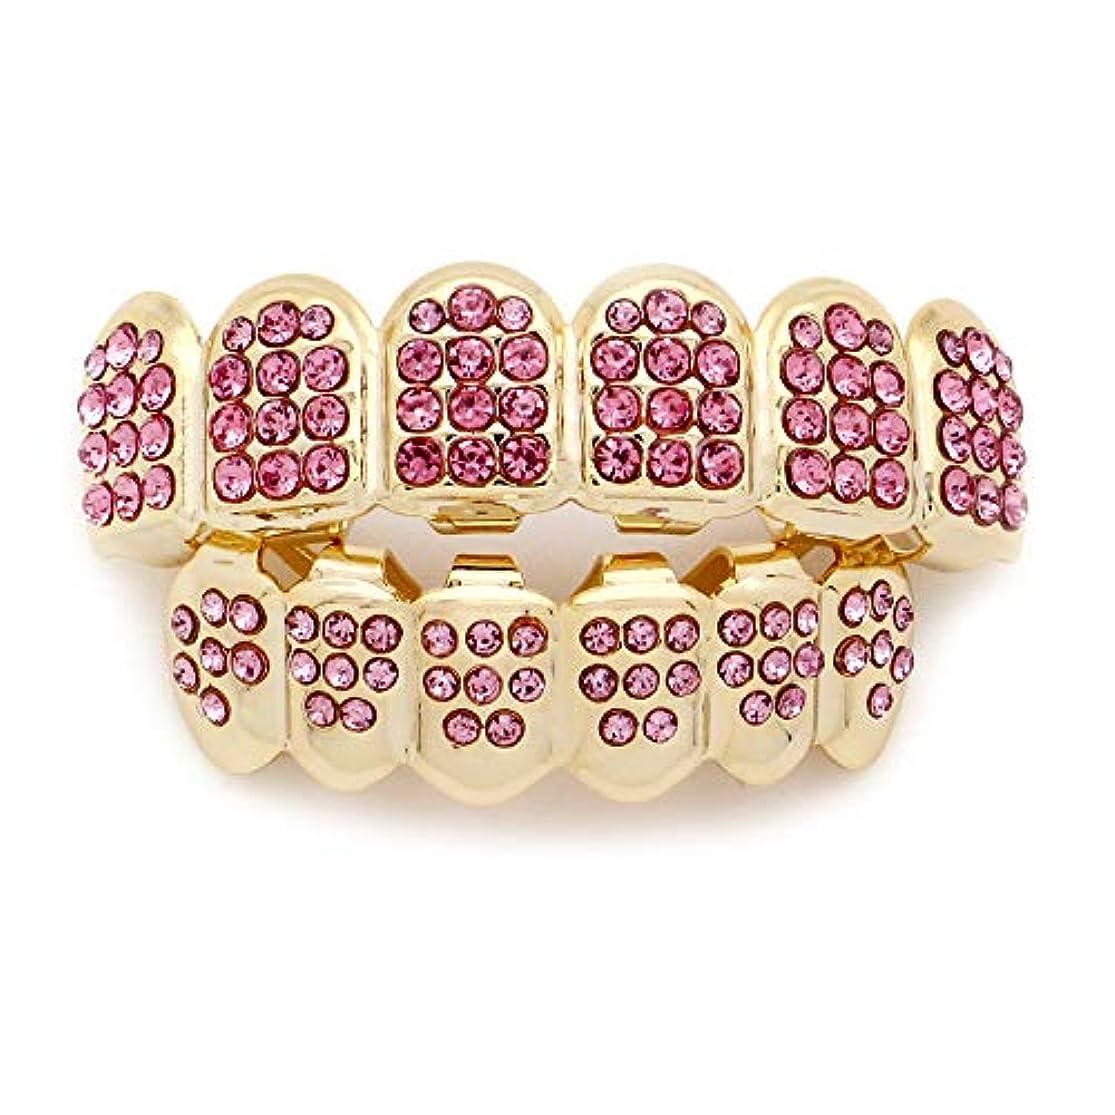 緩むクラッチ前者ダイヤモンドゴールドプレートHIPHOPティースキャップ、ヨーロッパ系アメリカ人INS最もホットなゴールド&ブラック&シルバー歯ブレース口の歯 (Color : Pink)